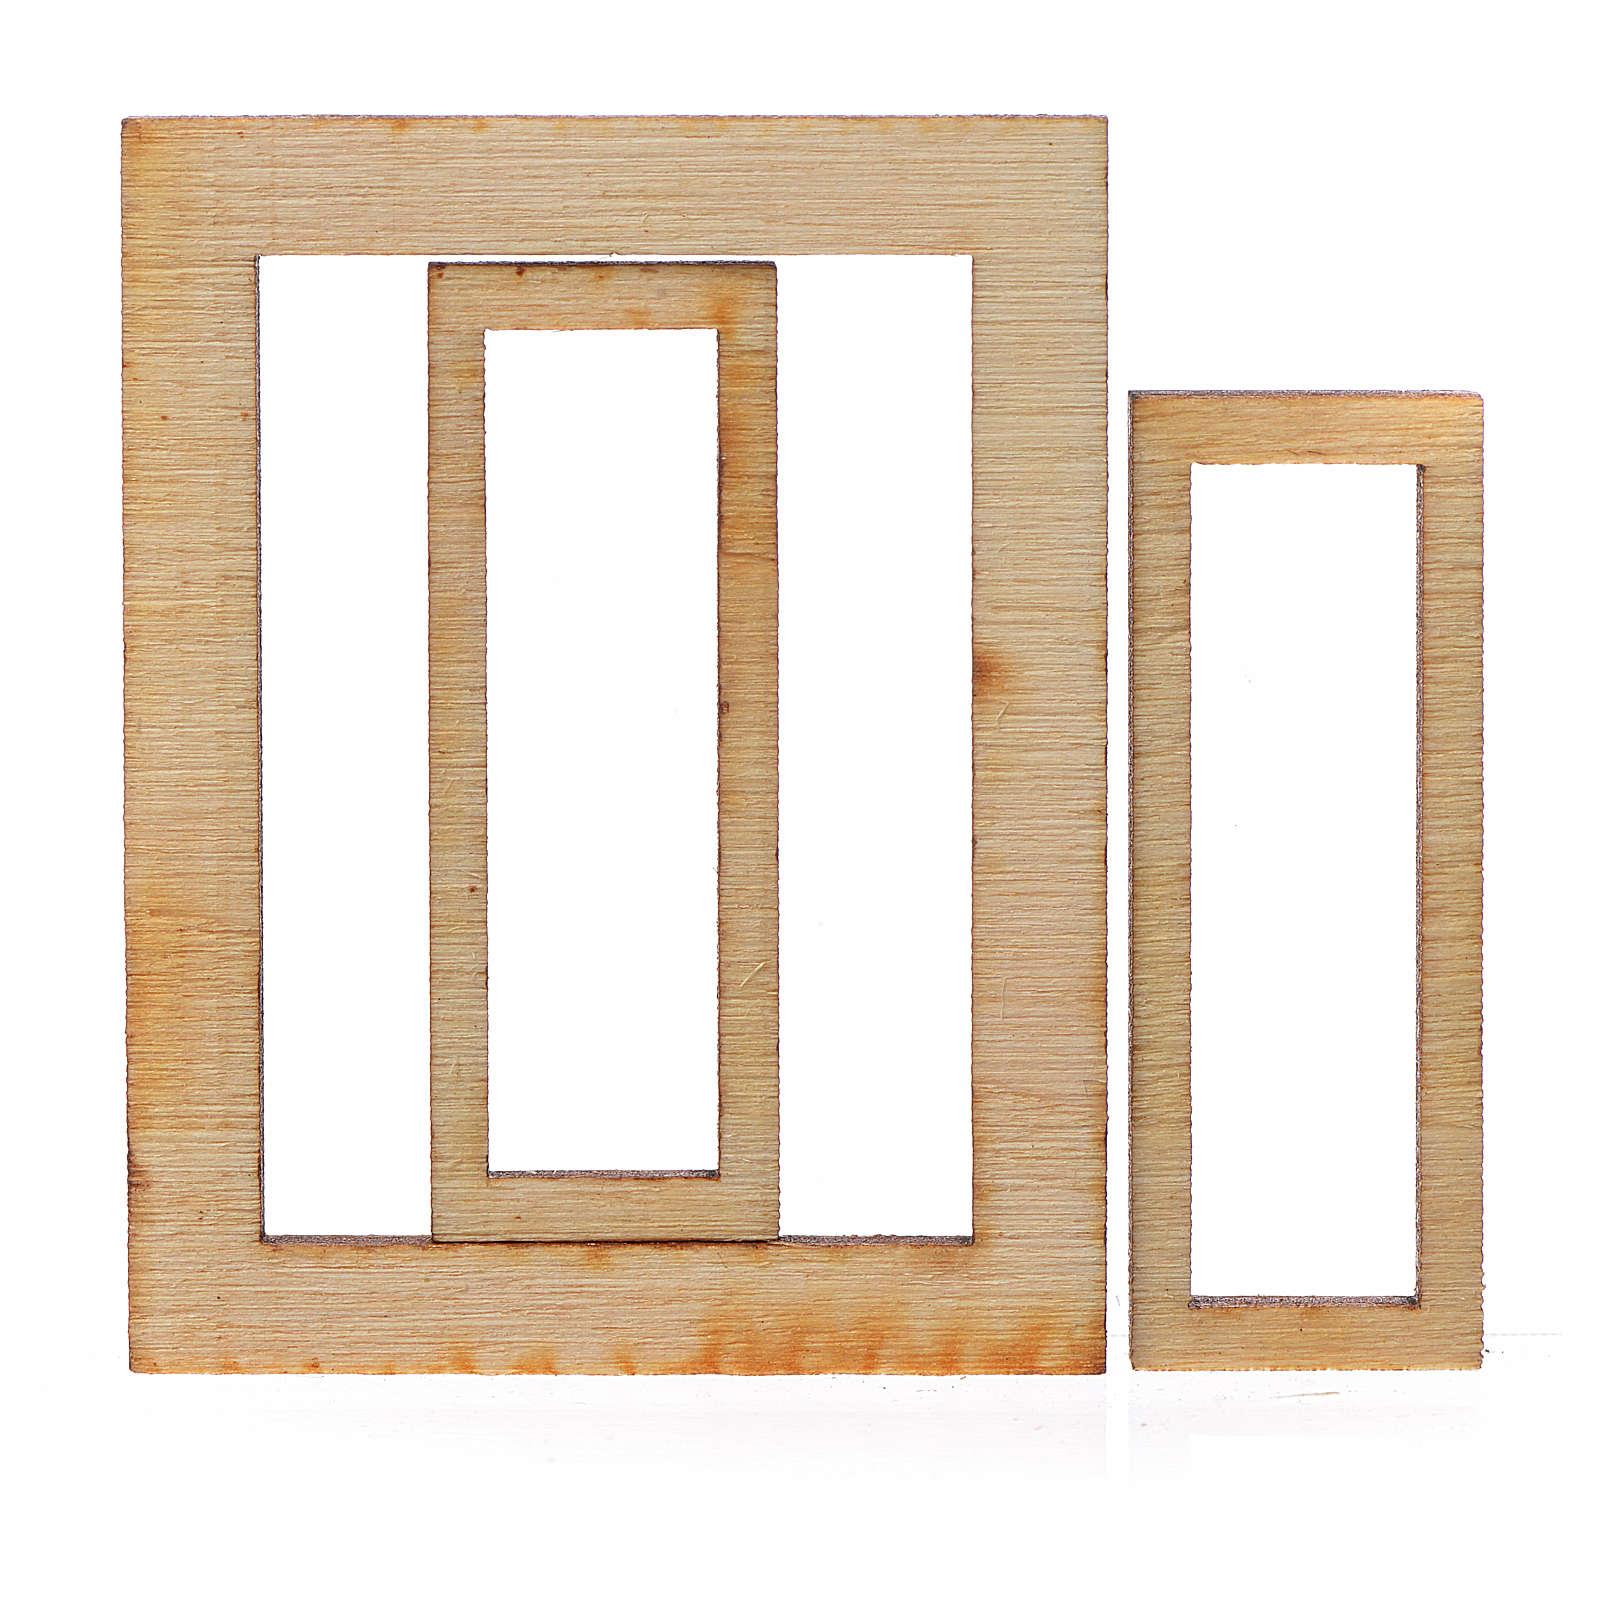 Marco madera belén 4,5x3,5 4